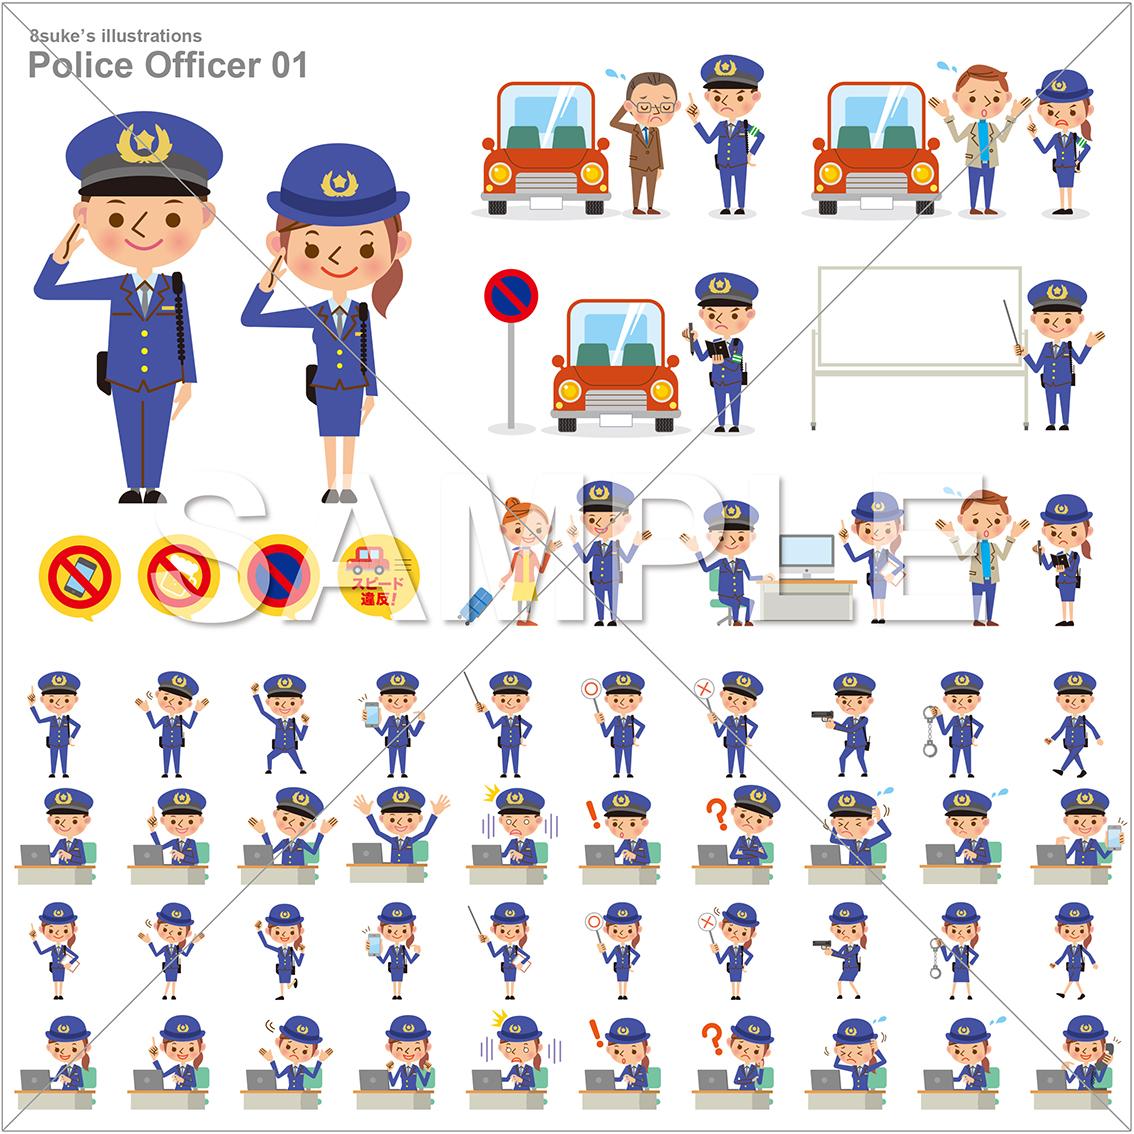 かわいい人物イラスト素材:警察官(男女)のポーズセット(ベクター・PNG・JPG)ダウンロード版